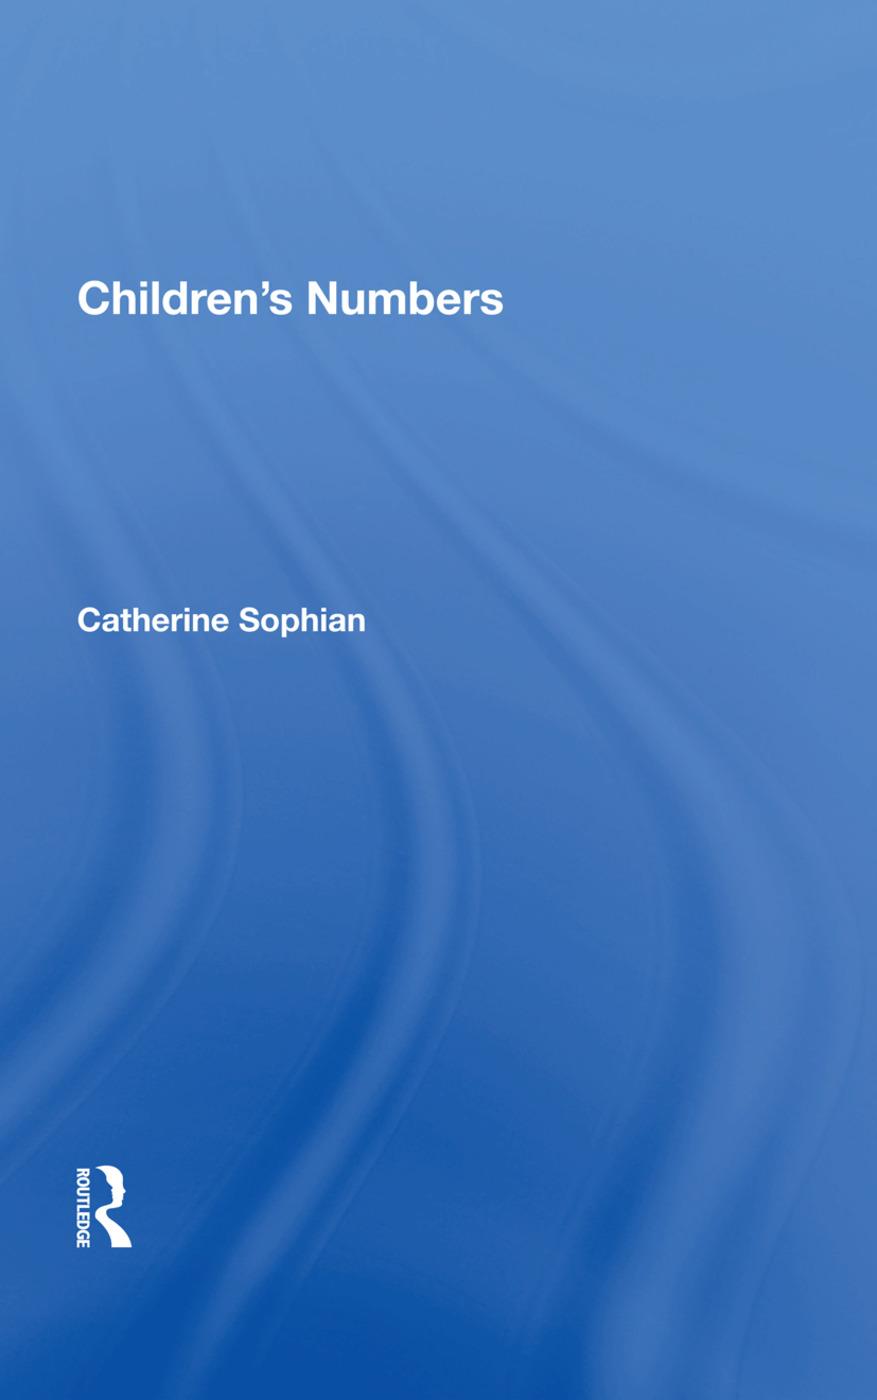 Children's Numbers